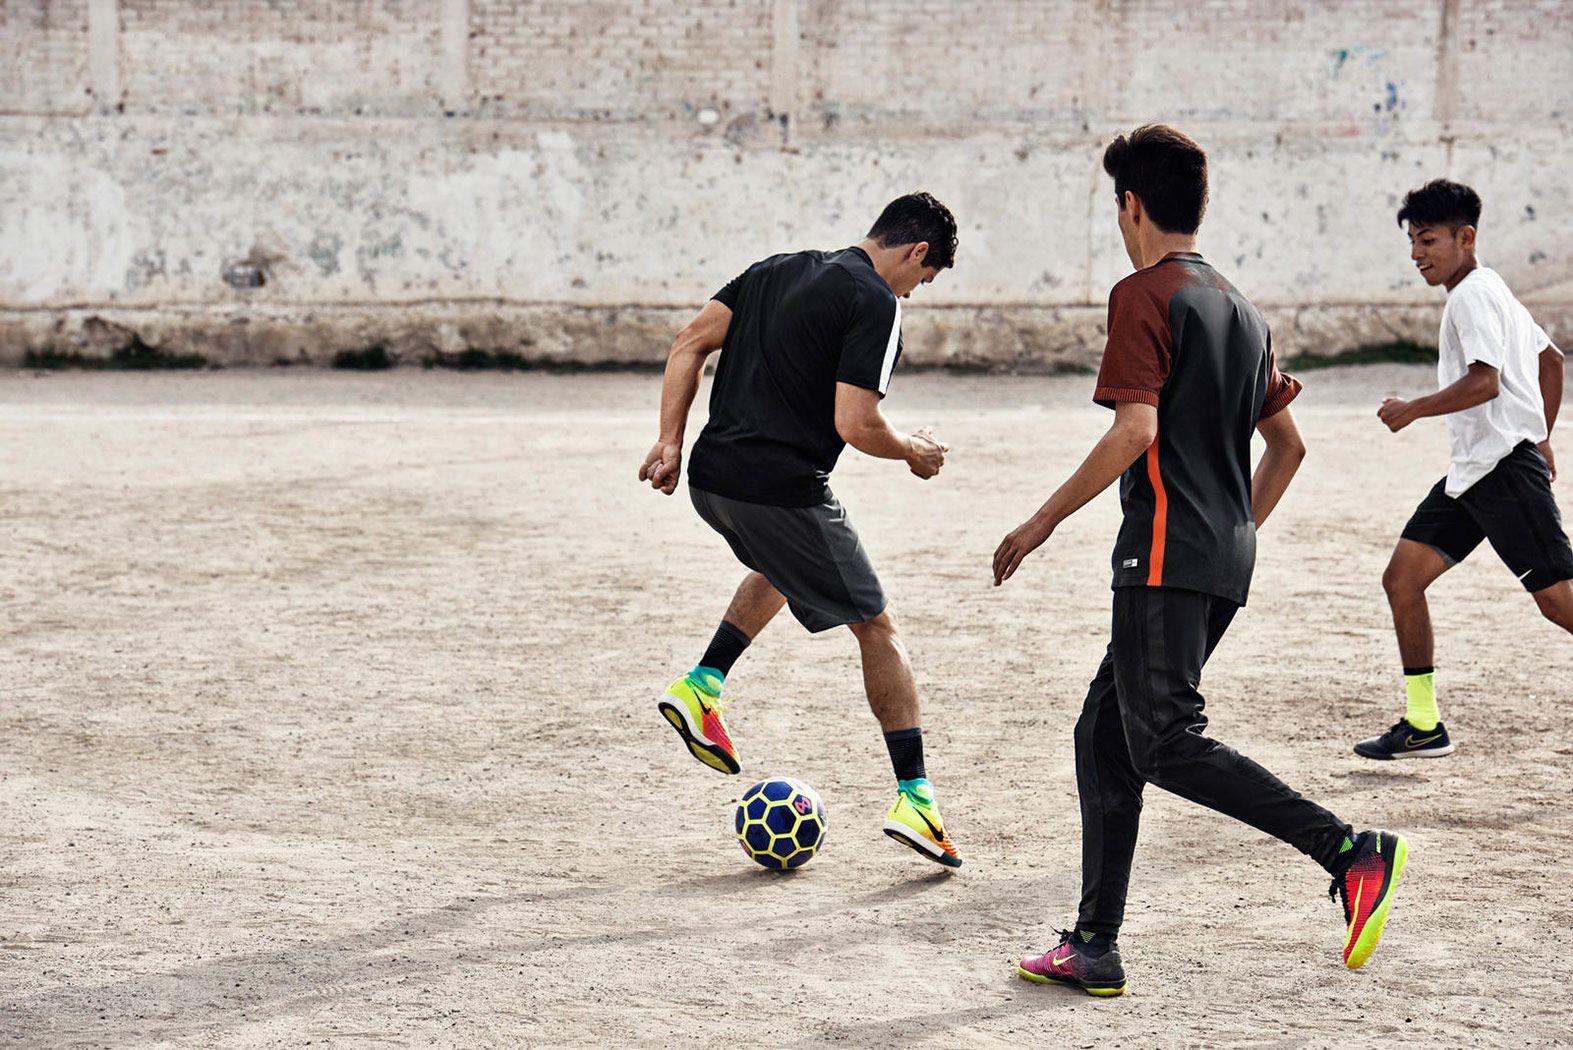 Футбол на улице картинки